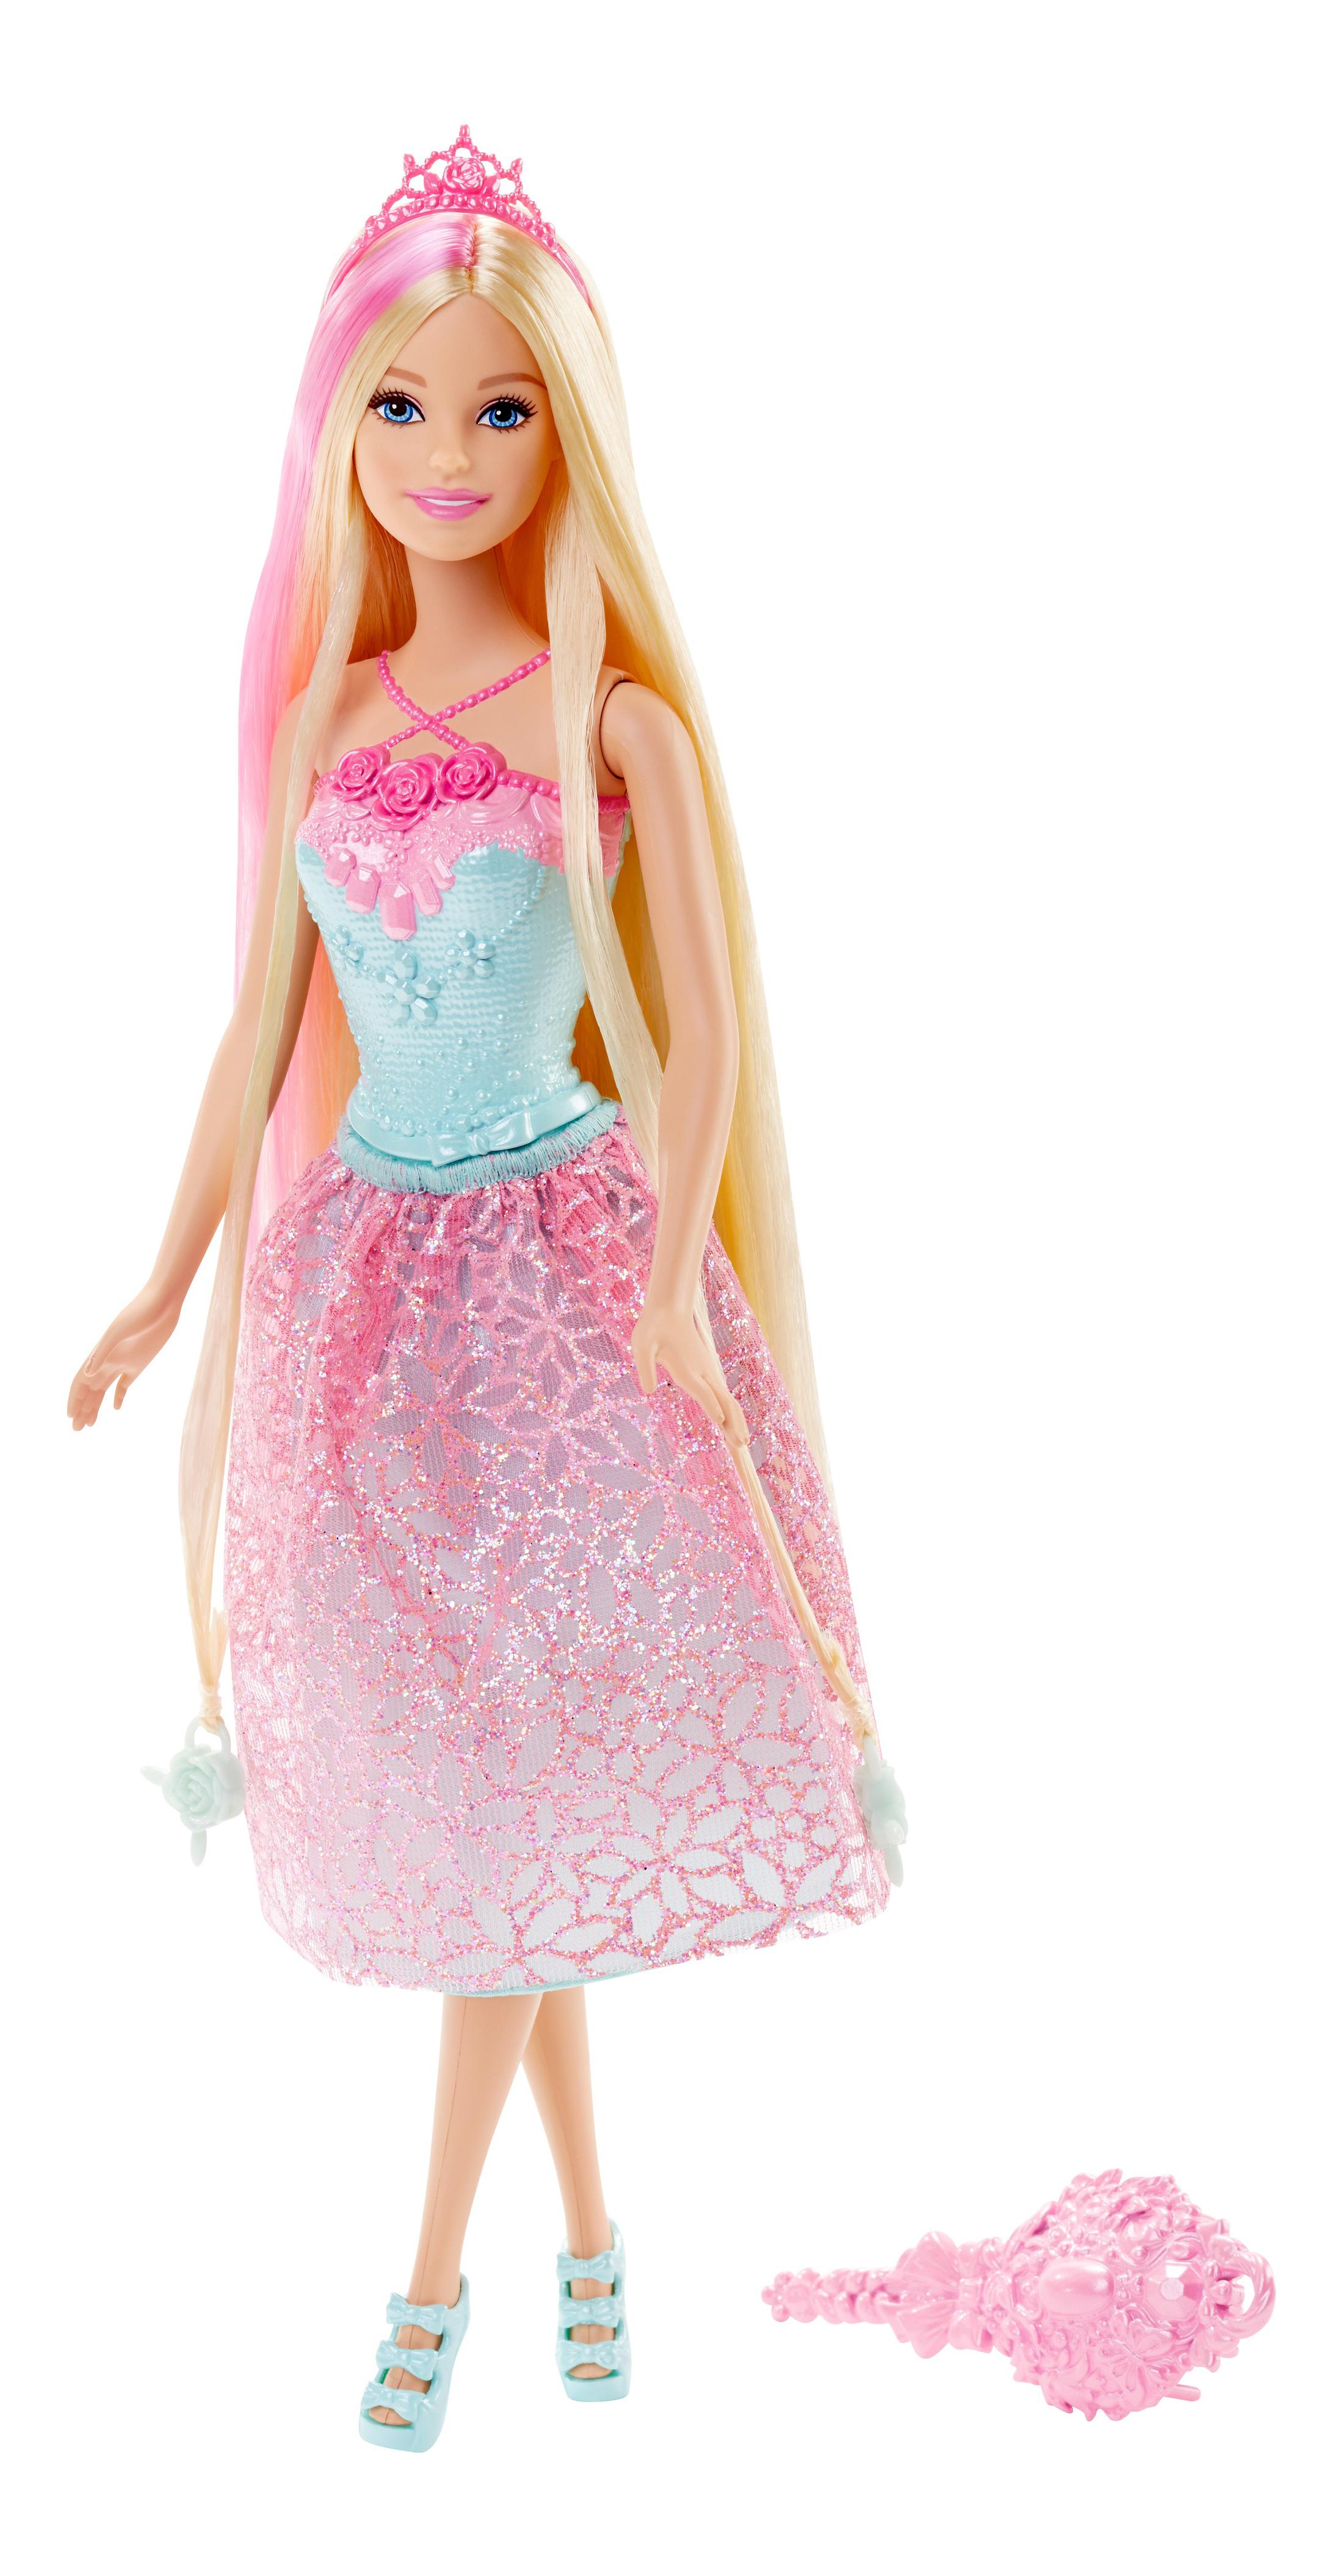 Купить Endless Hair Kingdom Princess Doll - Blonde Hair, Кукла-принцесса Barbie с длинными волосами DKB56 DKB60, Куклы Barbie